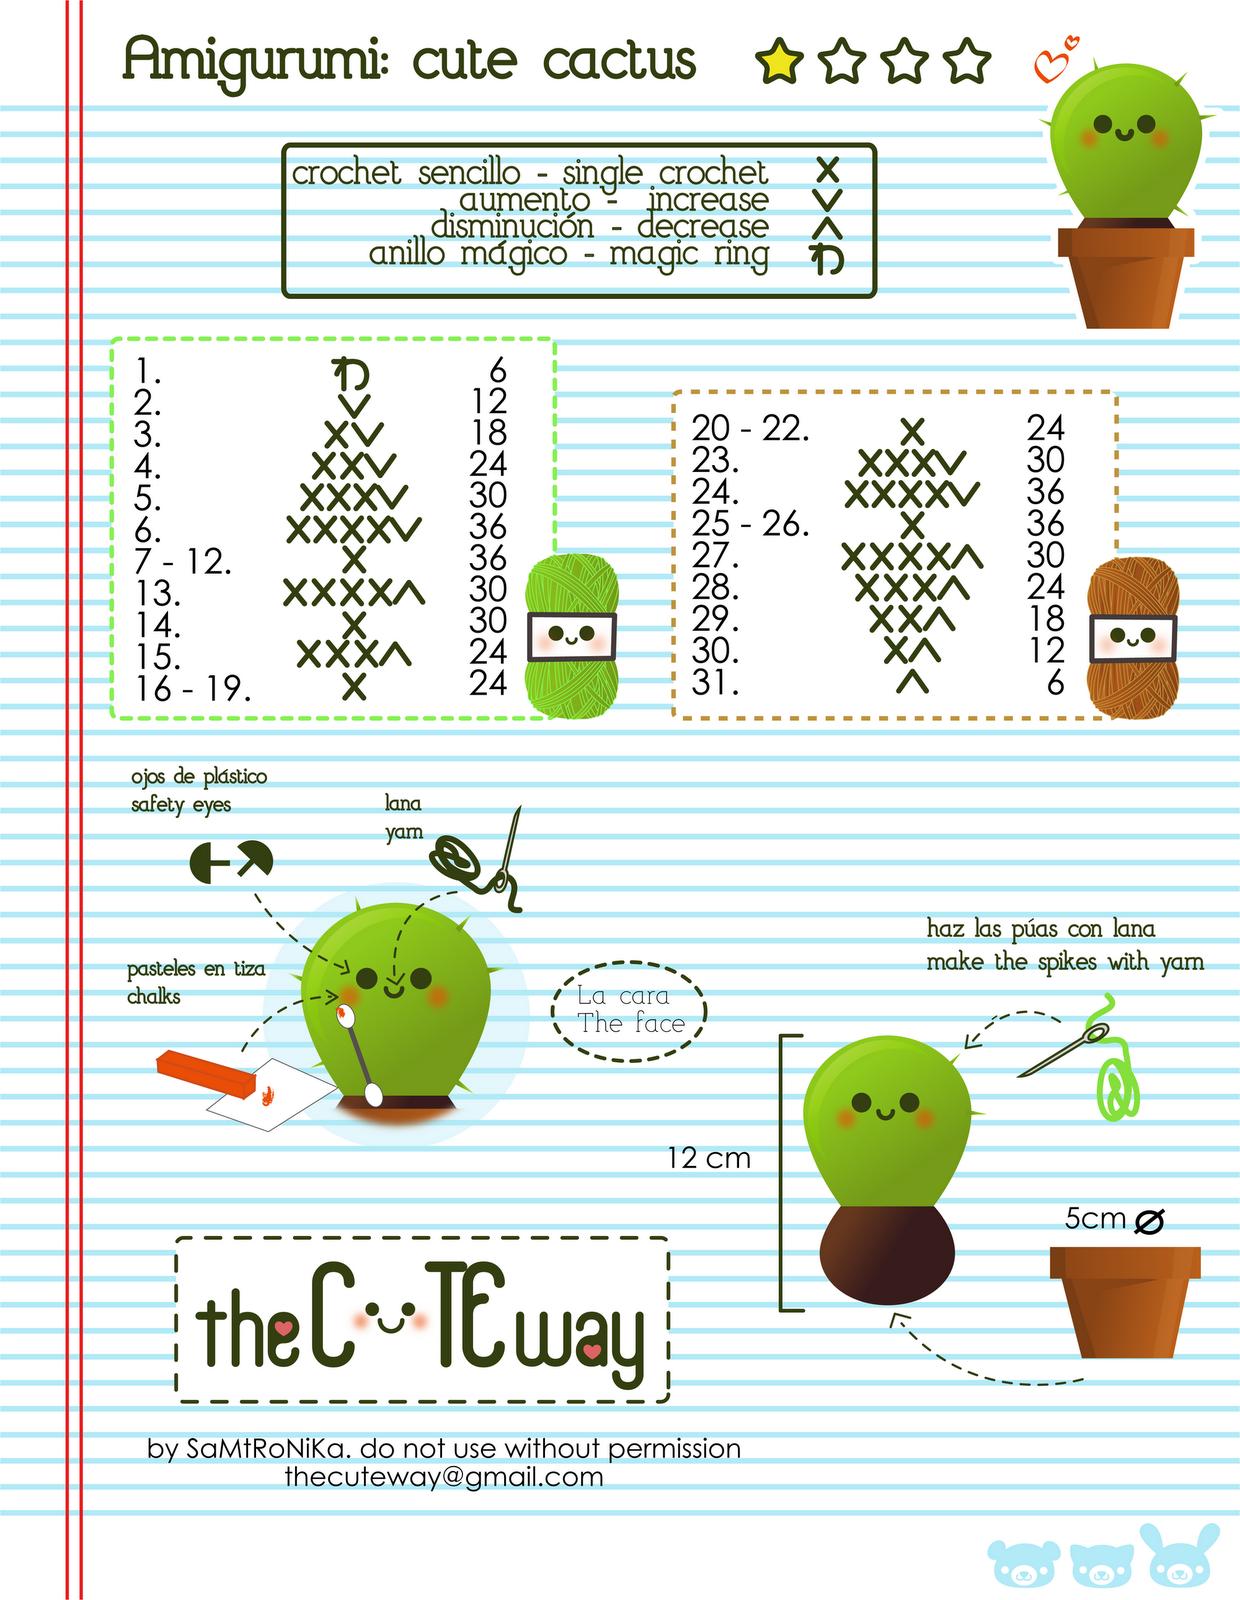 patrones de cactus al crochet - Buscar con Google | bordados peky ...